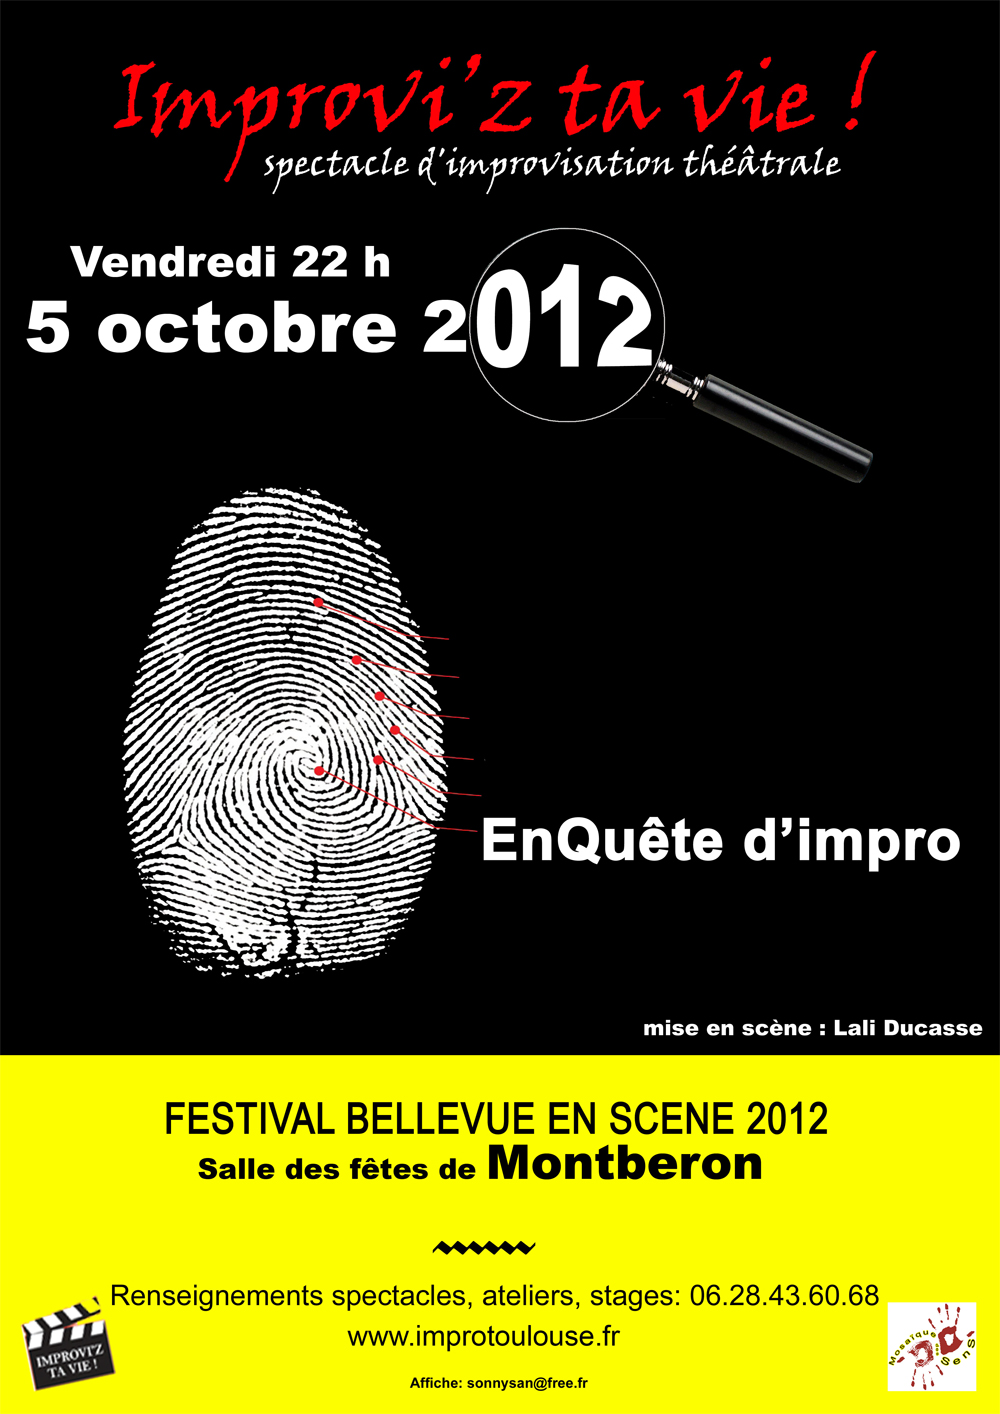 festival-bellevue